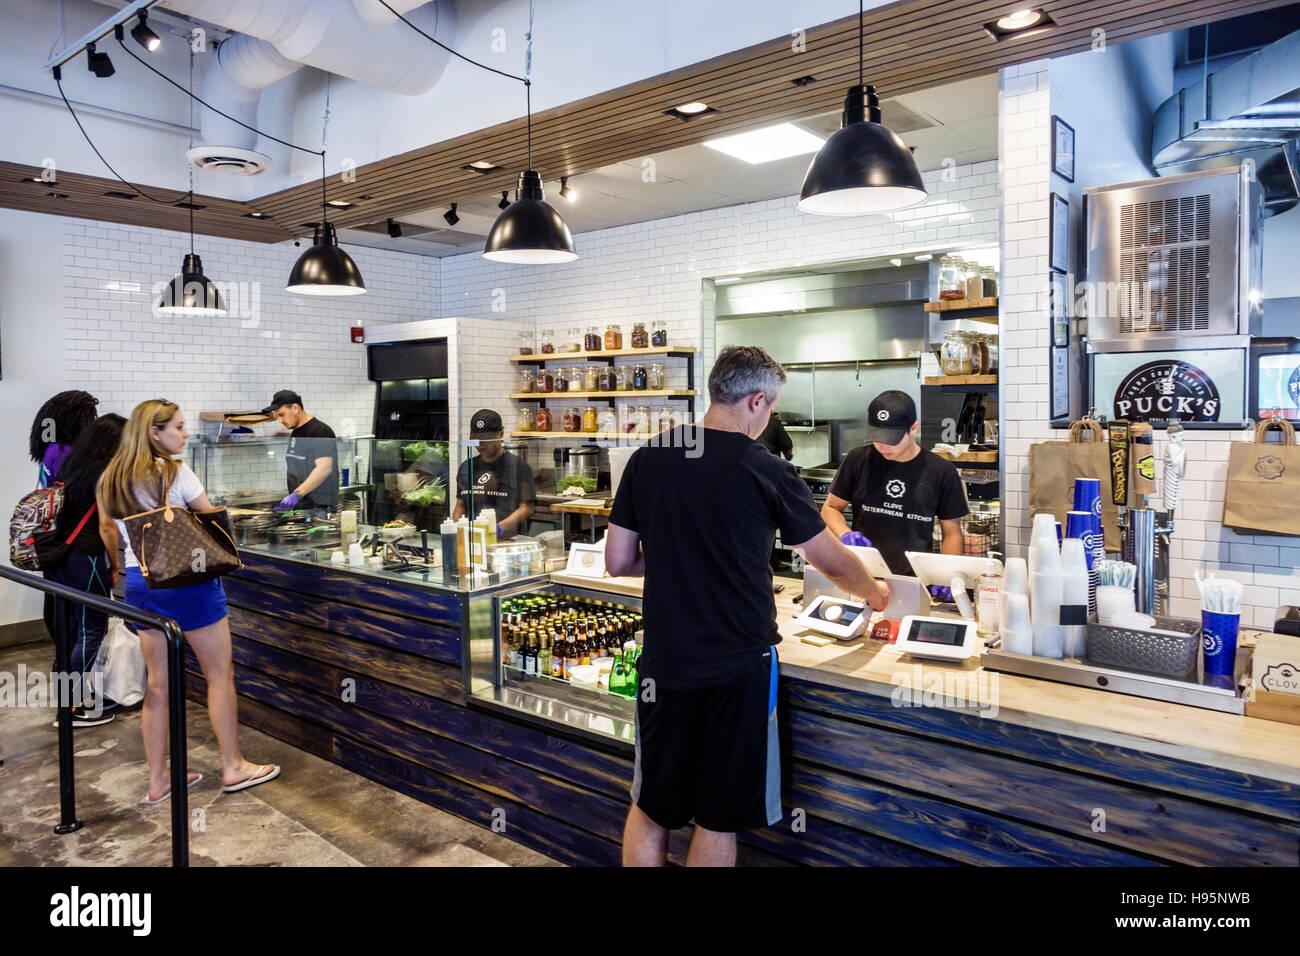 miami florida clove mediterranean kitchen restaurant counter customers stock image - Mediterranean Kitchen